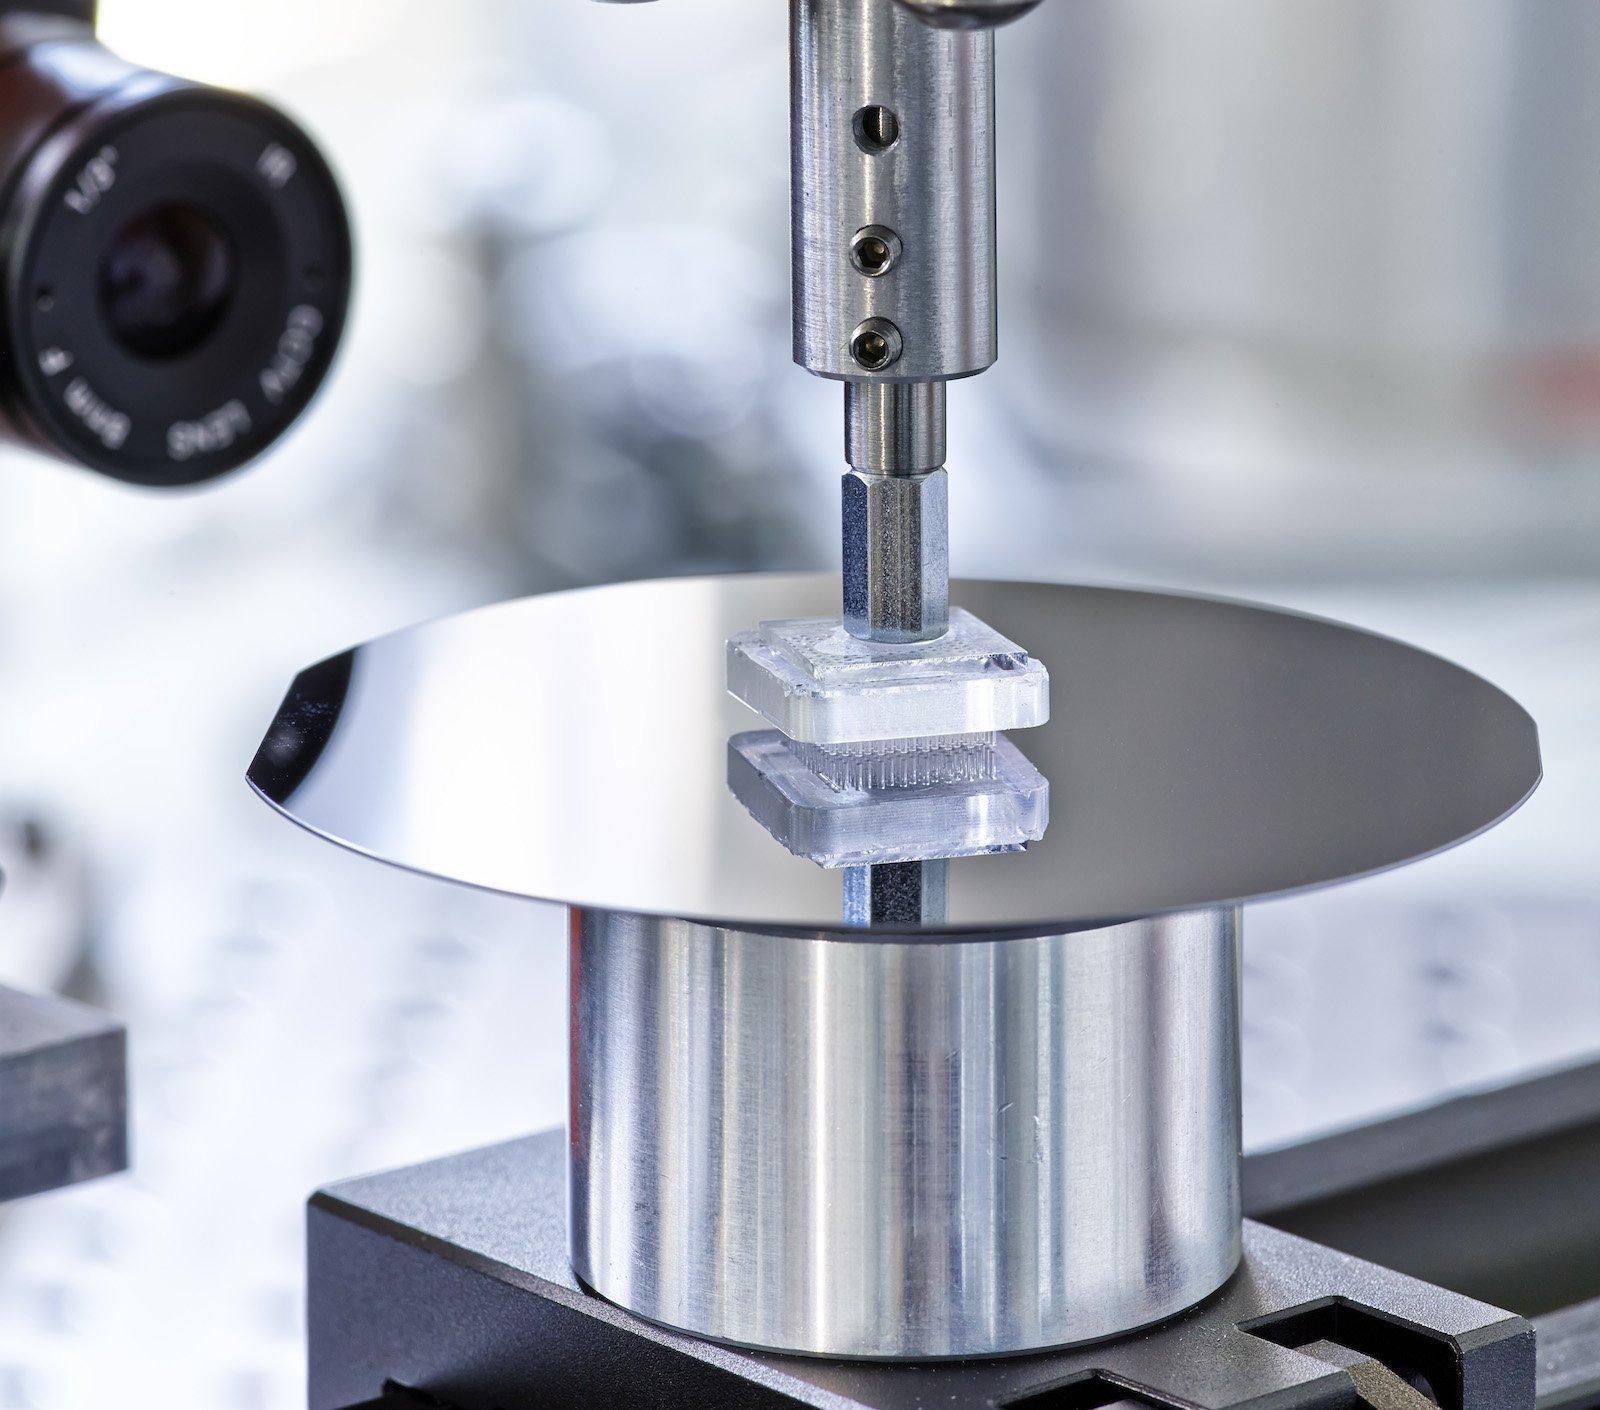 Die Gecomer-Greifer bestehen aus unzähligen Säulen, die einen Durchmesser von nur wenigen Nanometern haben. Ein solcher Greifer mit einer Fläche von einem Quadratzentimeter kann ein Bauteil mit einem Gewicht von 100 Gramm transportieren.